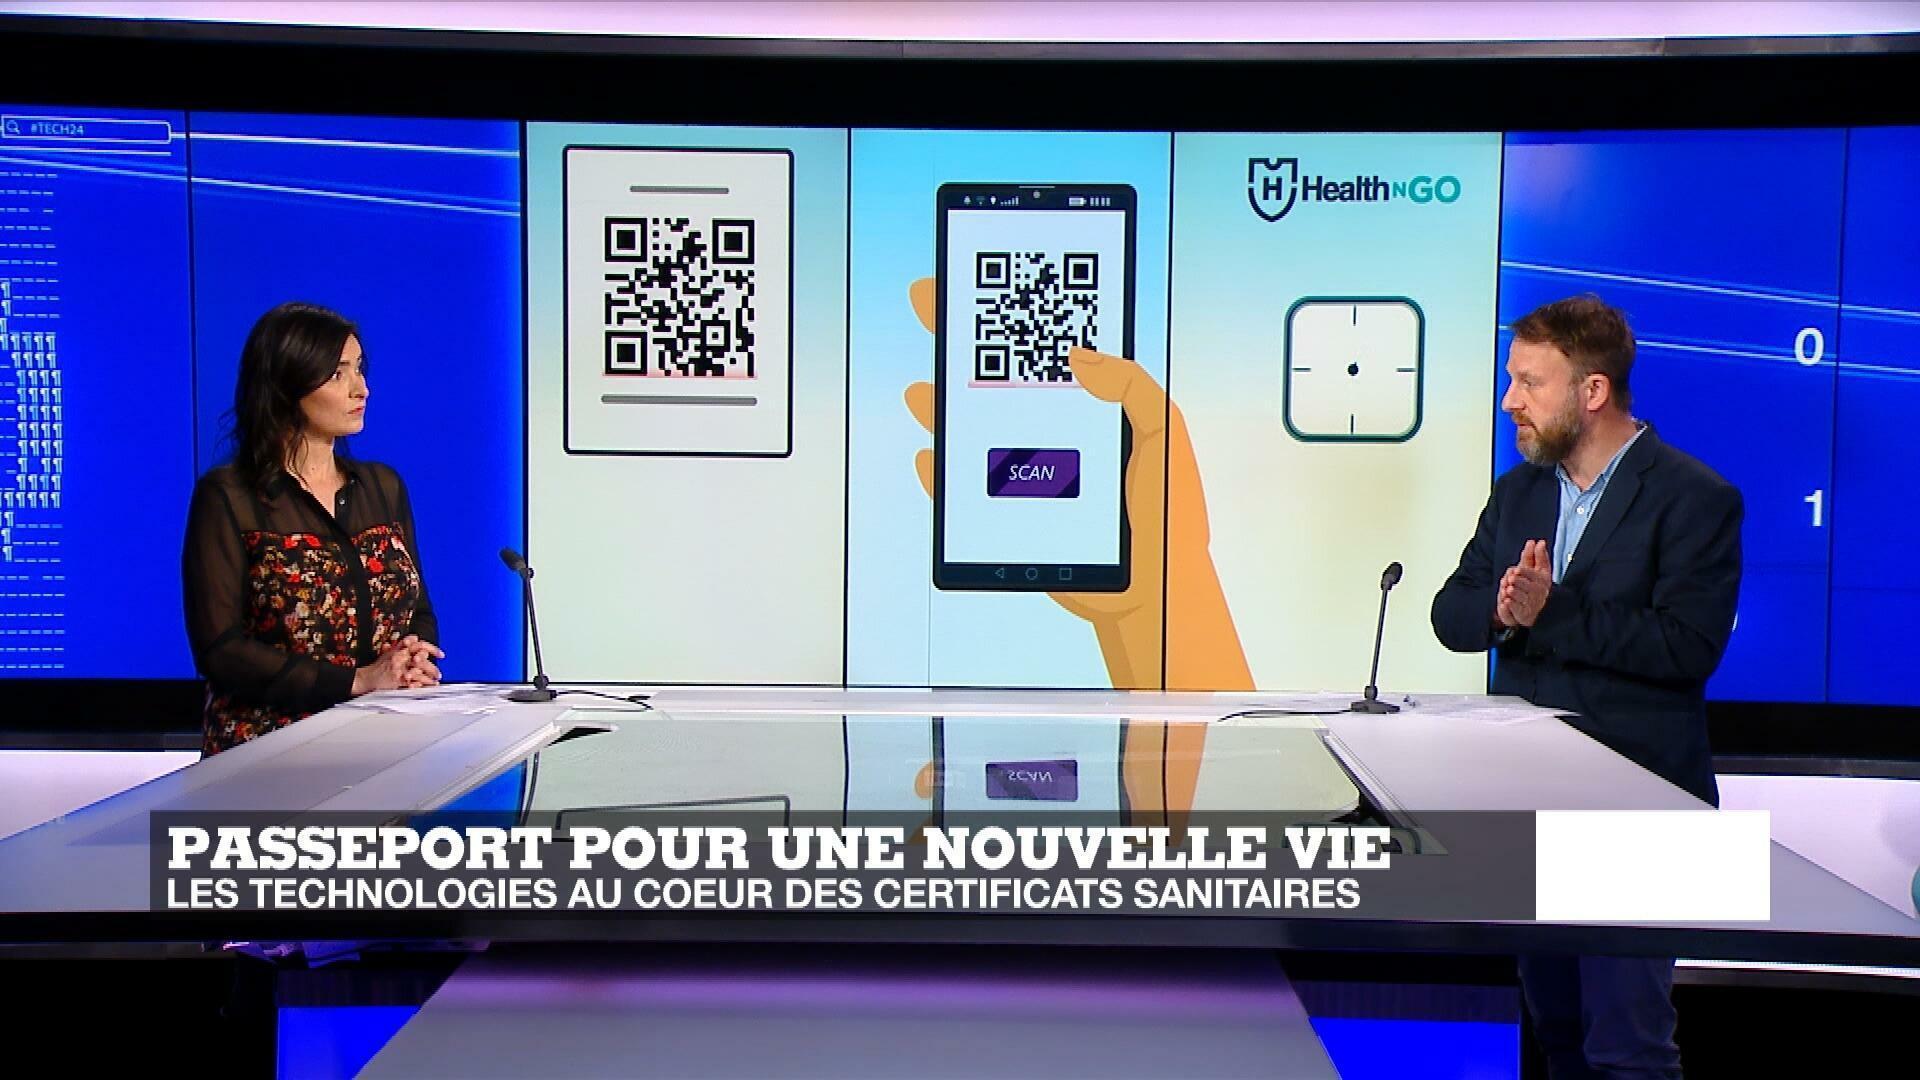 Passeport pour une nouvelle vie: les technologies au cœur des certificats sanitaires